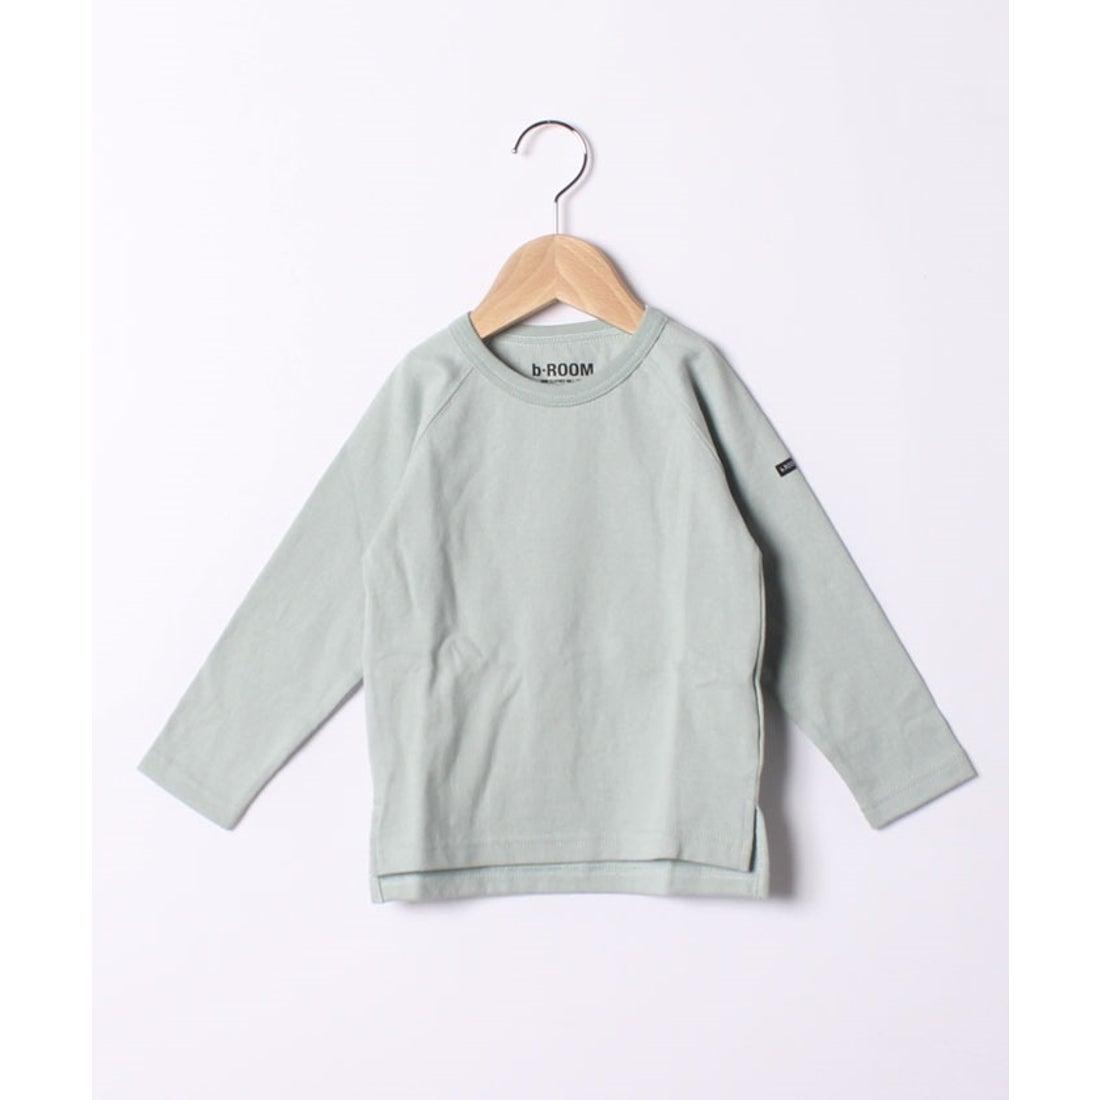 ロコンド 靴とファッションの通販サイトb-ROOM 【WEB限定】ラグラン長袖Tシャツ(ブルーグレー)